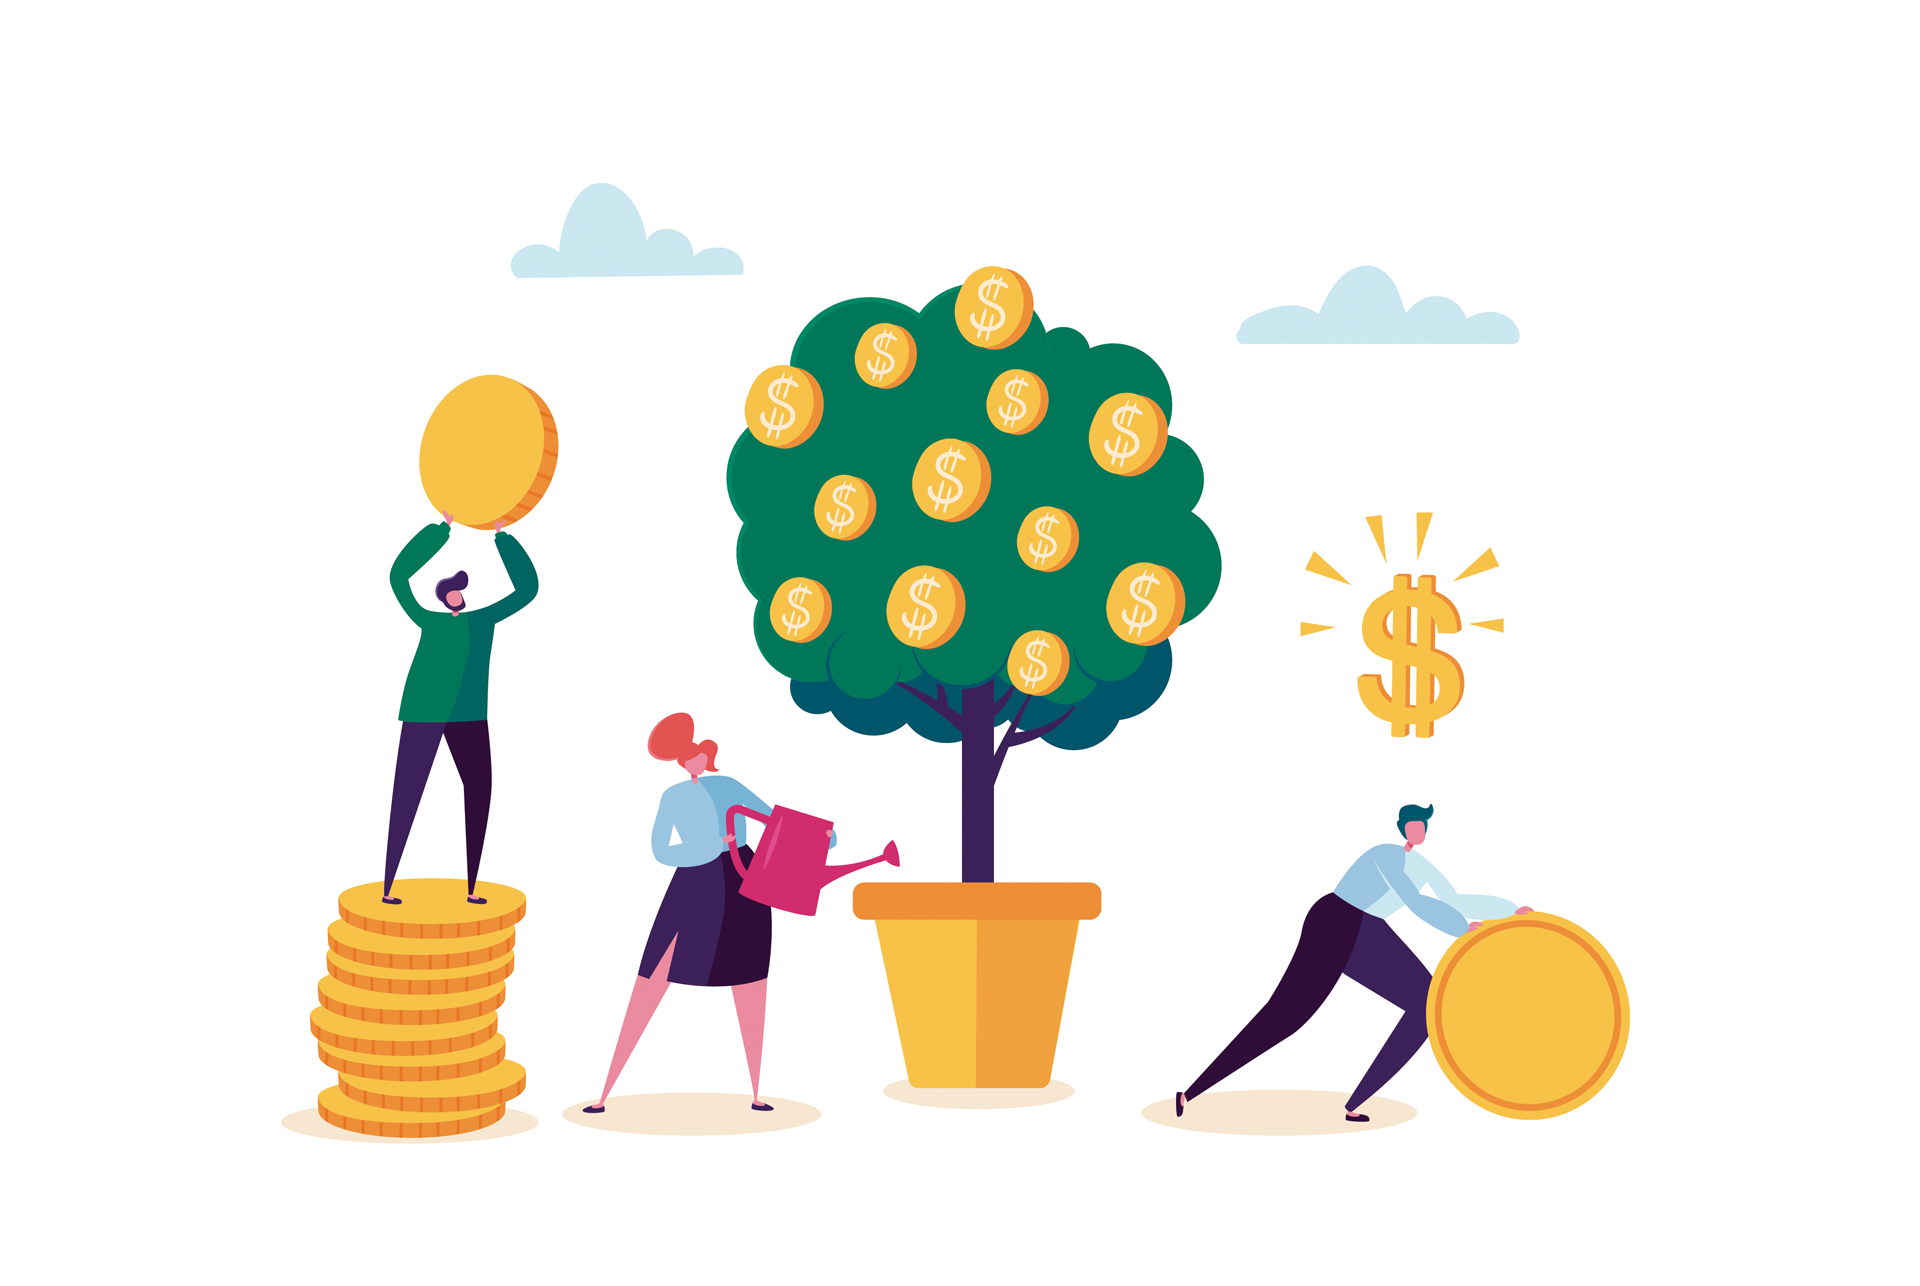 Invertir Sin Riesgo: Multiplica por 4 tus Ahorros en 25 Años y Garantiza tu Jubilación